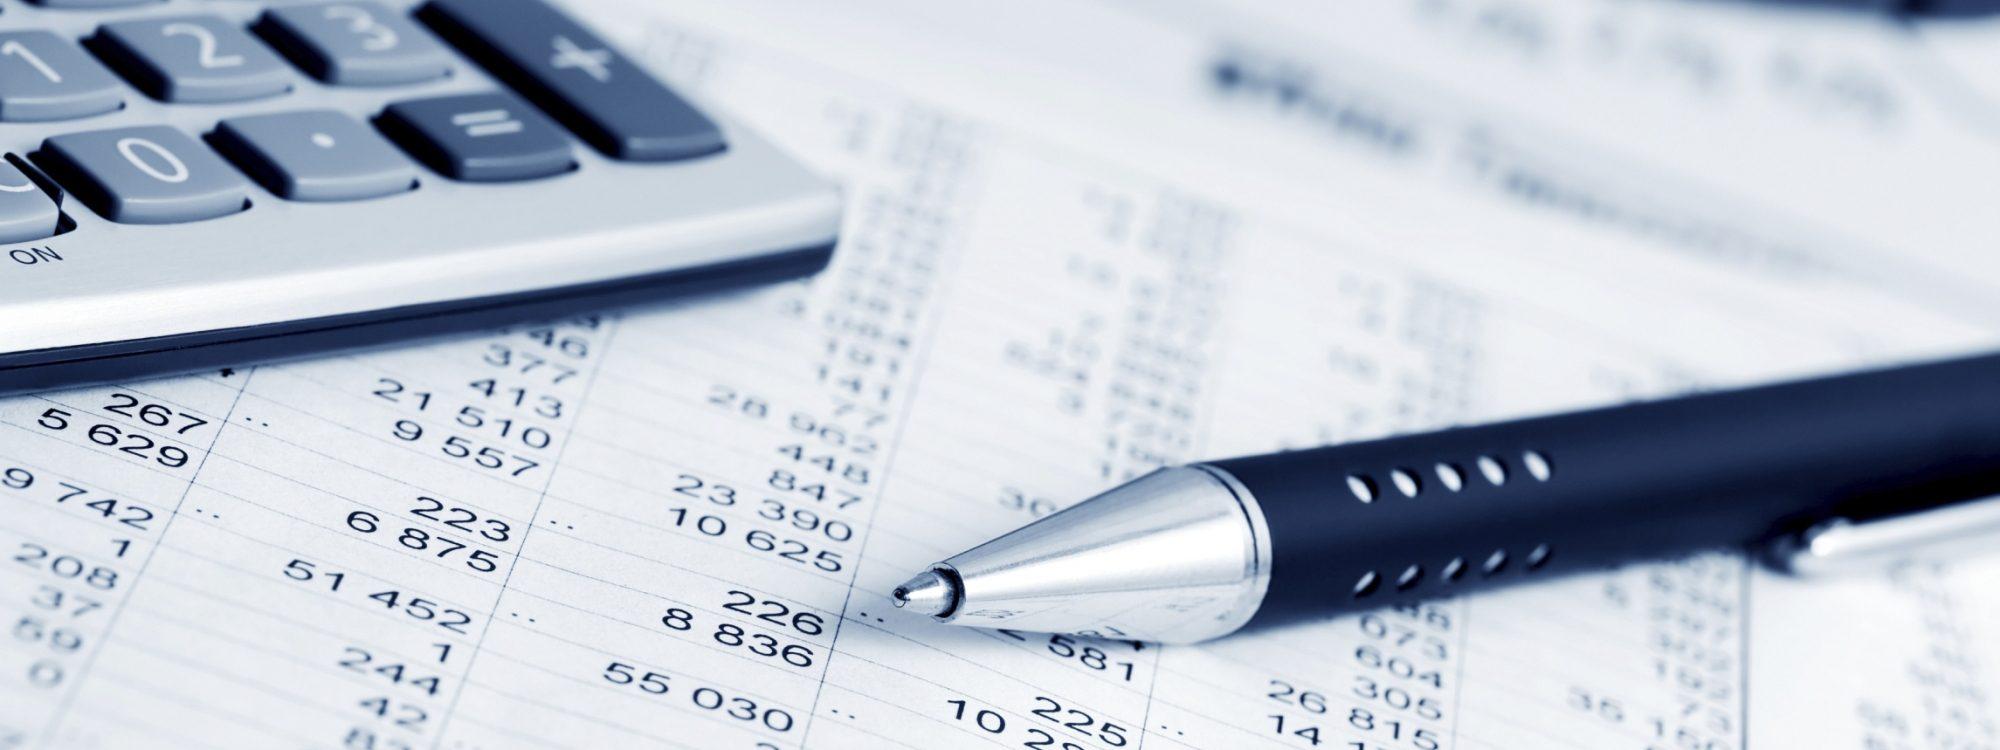 Freelances : Comment réaliser la modélisation financière de votre activité ?